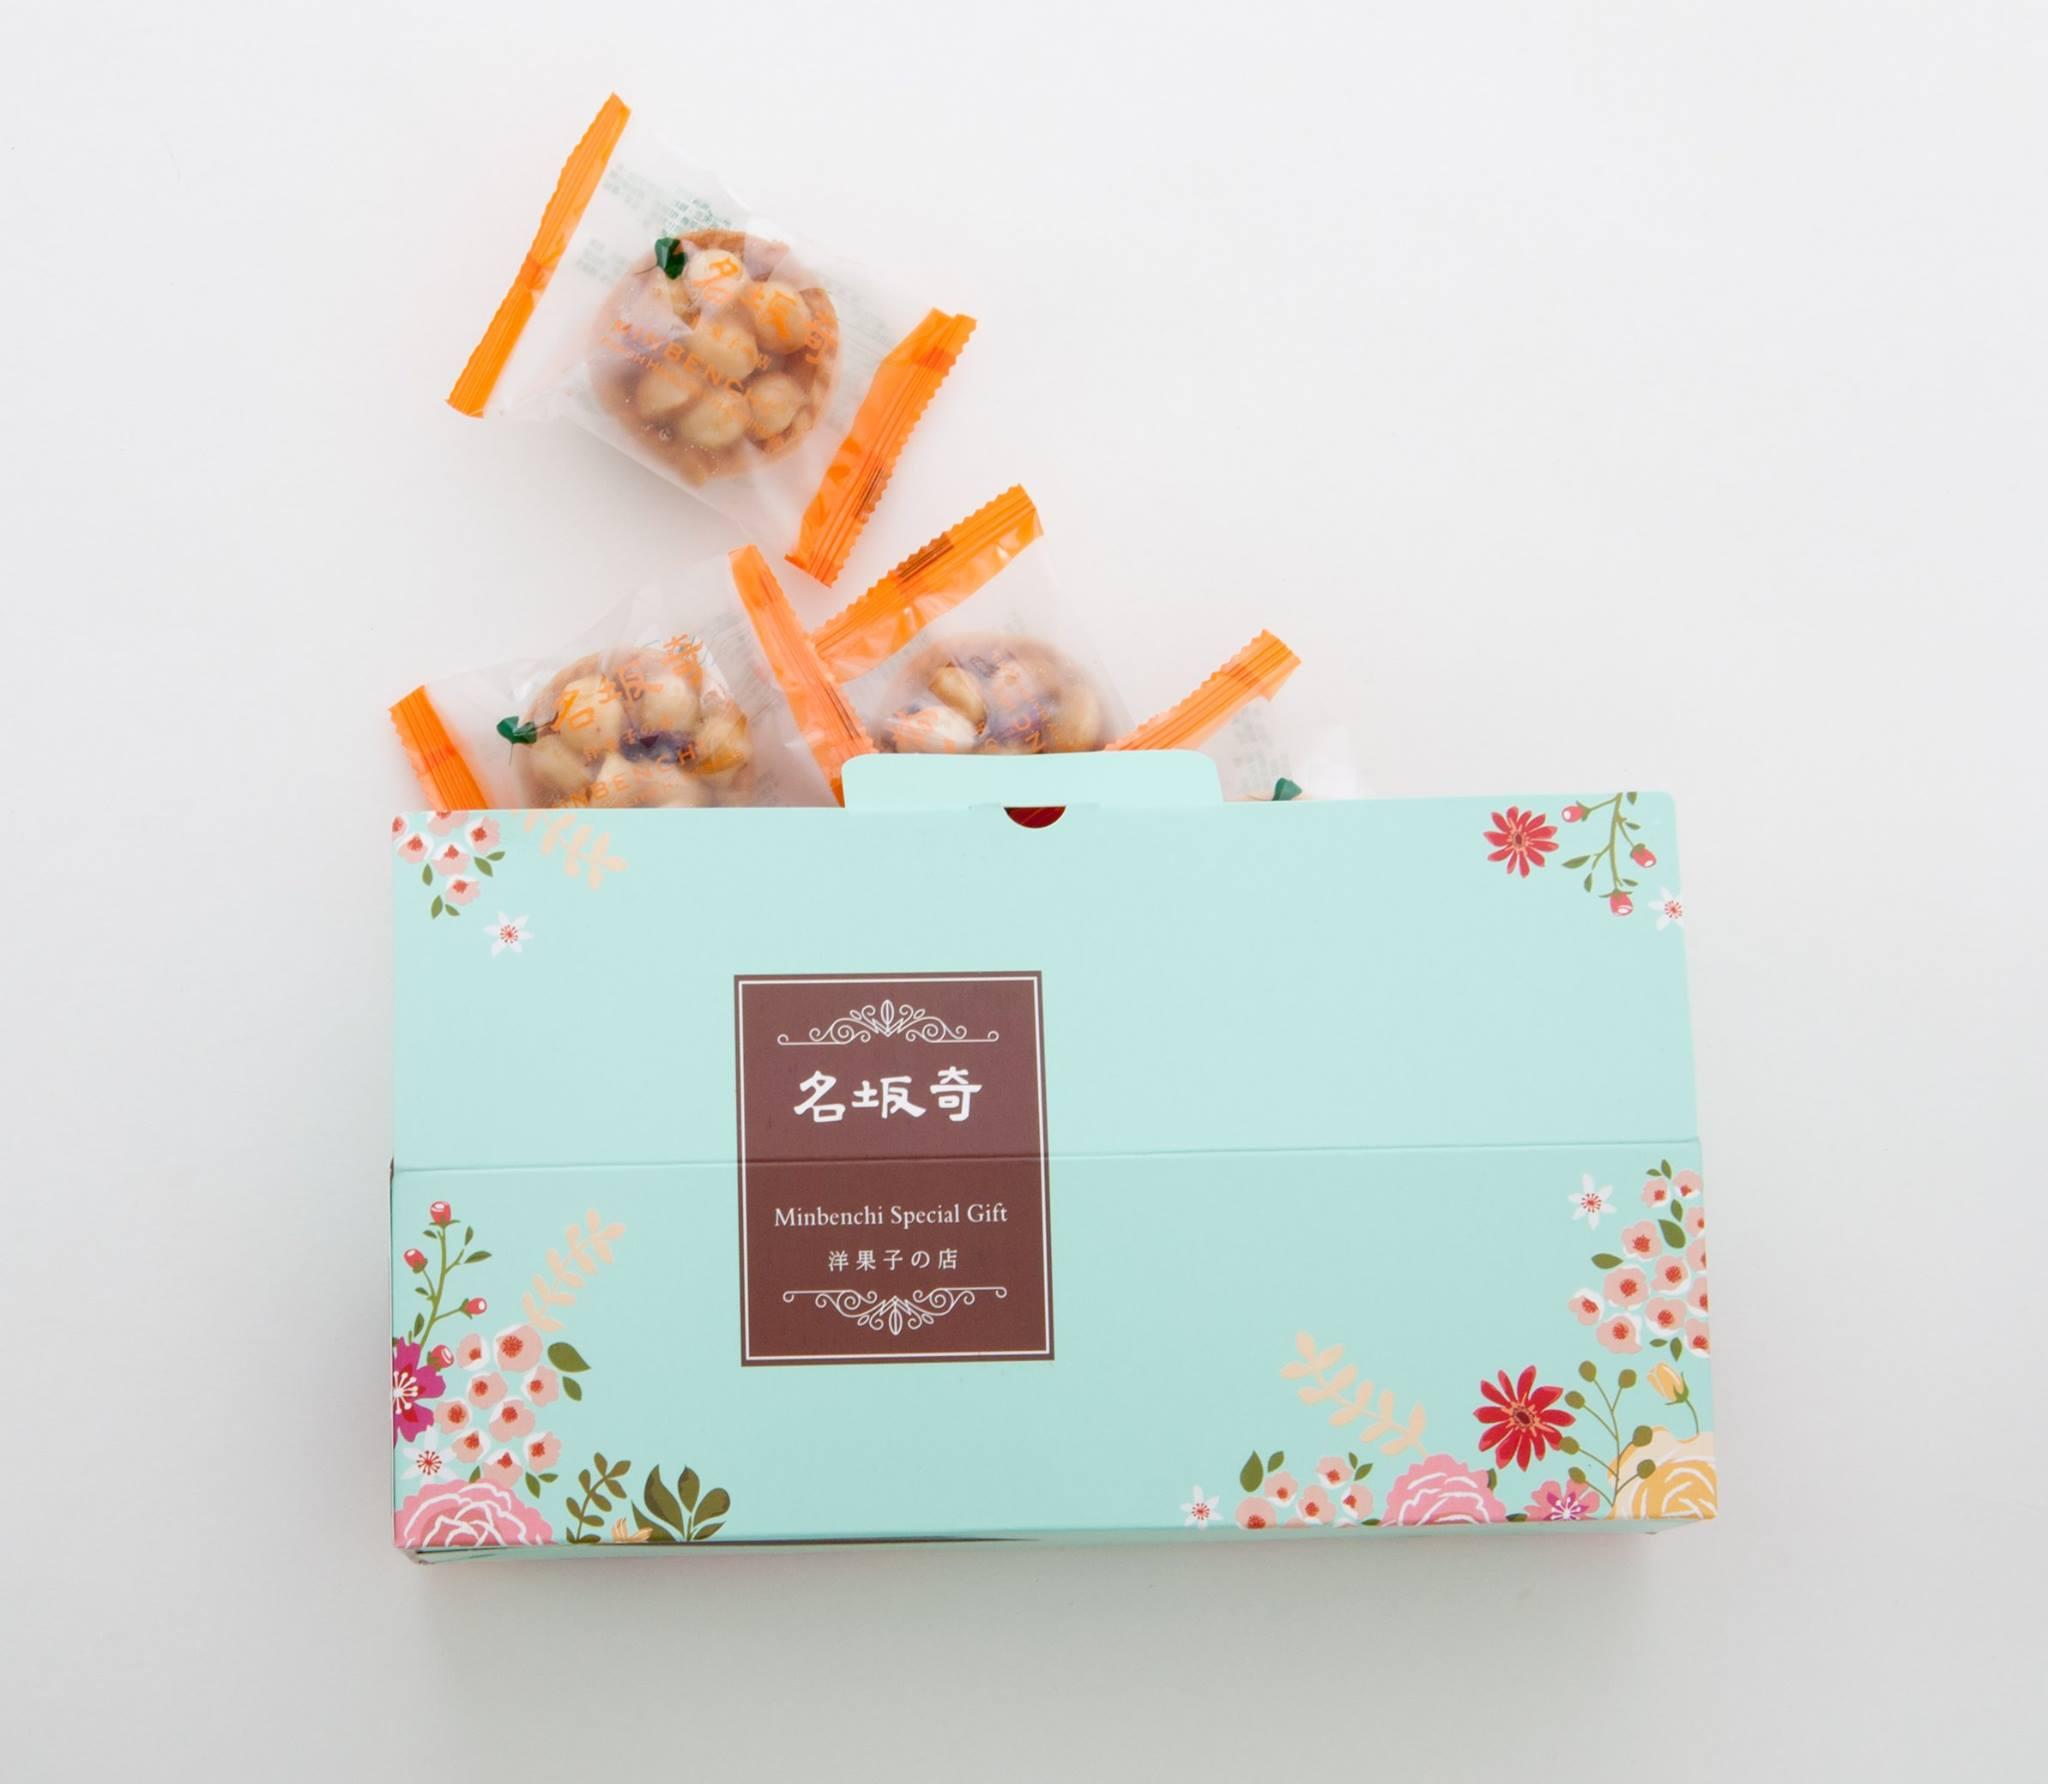 名坂奇老闆的堅持:不含防腐劑、不含香料。運用10幾年烘焙經驗,以五星級的標準,做出獨特、健康且一般人都消費得起的甜點。